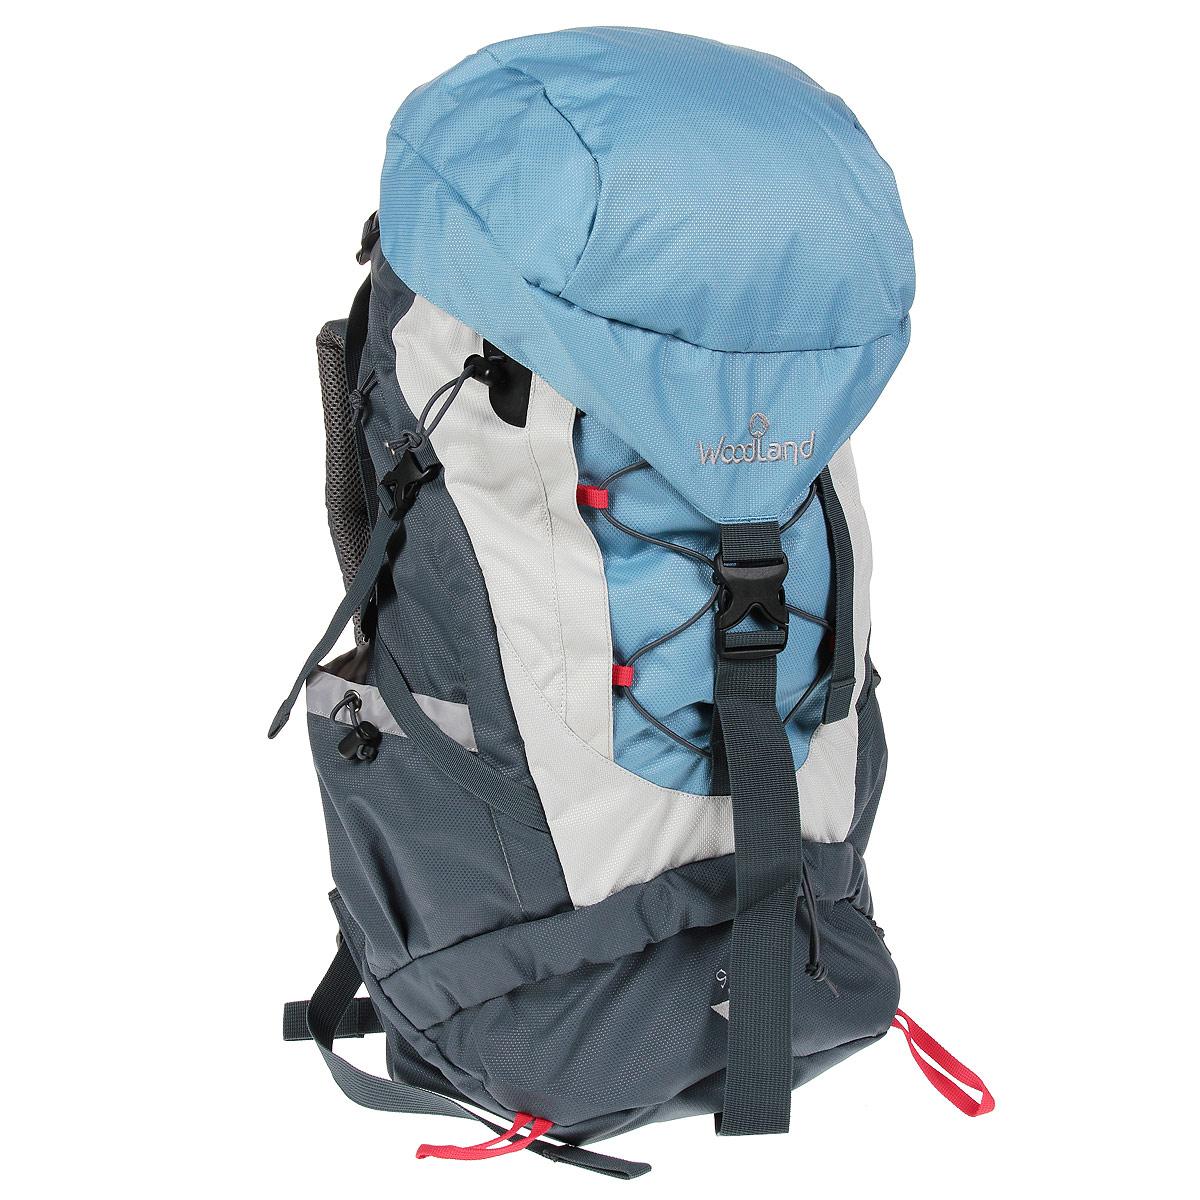 Рюкзак WoodLand Sky 60, цвет: синий, светло-серый, темно-серый30781Качественный и функциональный рюкзак WoodLand Sky 60 для любых путешествий. Оснащен удобной регулируемой подвесной системой VRS. Быстрый доступ в любую часть рюкзака. Универсальный объем. Малый вес. Удобное решение для новых задач.Особенности рюкзака:Съемный клапан с верхним карманом.Кармашек для плеера в клапане + выход для наушников.Верхний, нижний и боковой вход в основное отделение.Диафрагма типа кулиска, перекрывается затягиванием шнура и фиксируется стоппером.Три внешних кармана.Широкий поясной ремень с кармашком для мелочей.Боковые карманы выполнены из основного материала.Широкие S-образные лямки.Грудная стяжка с резиновым компенсатором.Пластиковая фурнитура YKK.